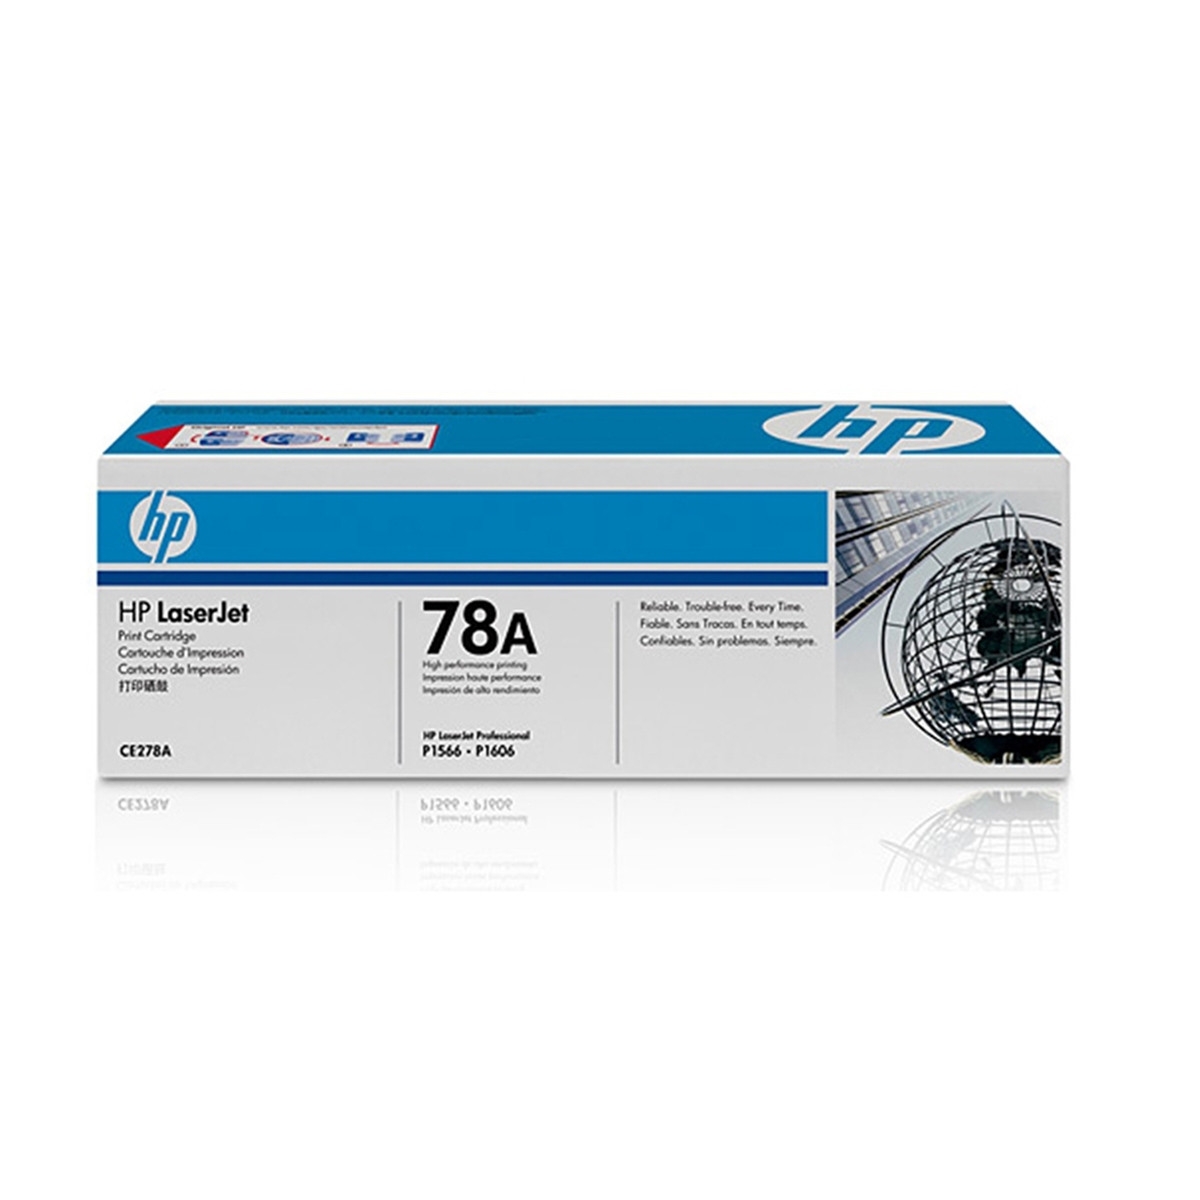 Toner HP CE278A CE278AB Standard | P1566 P1606 P1606N P1606DN M1536 M1536DNF | Original 2.1k